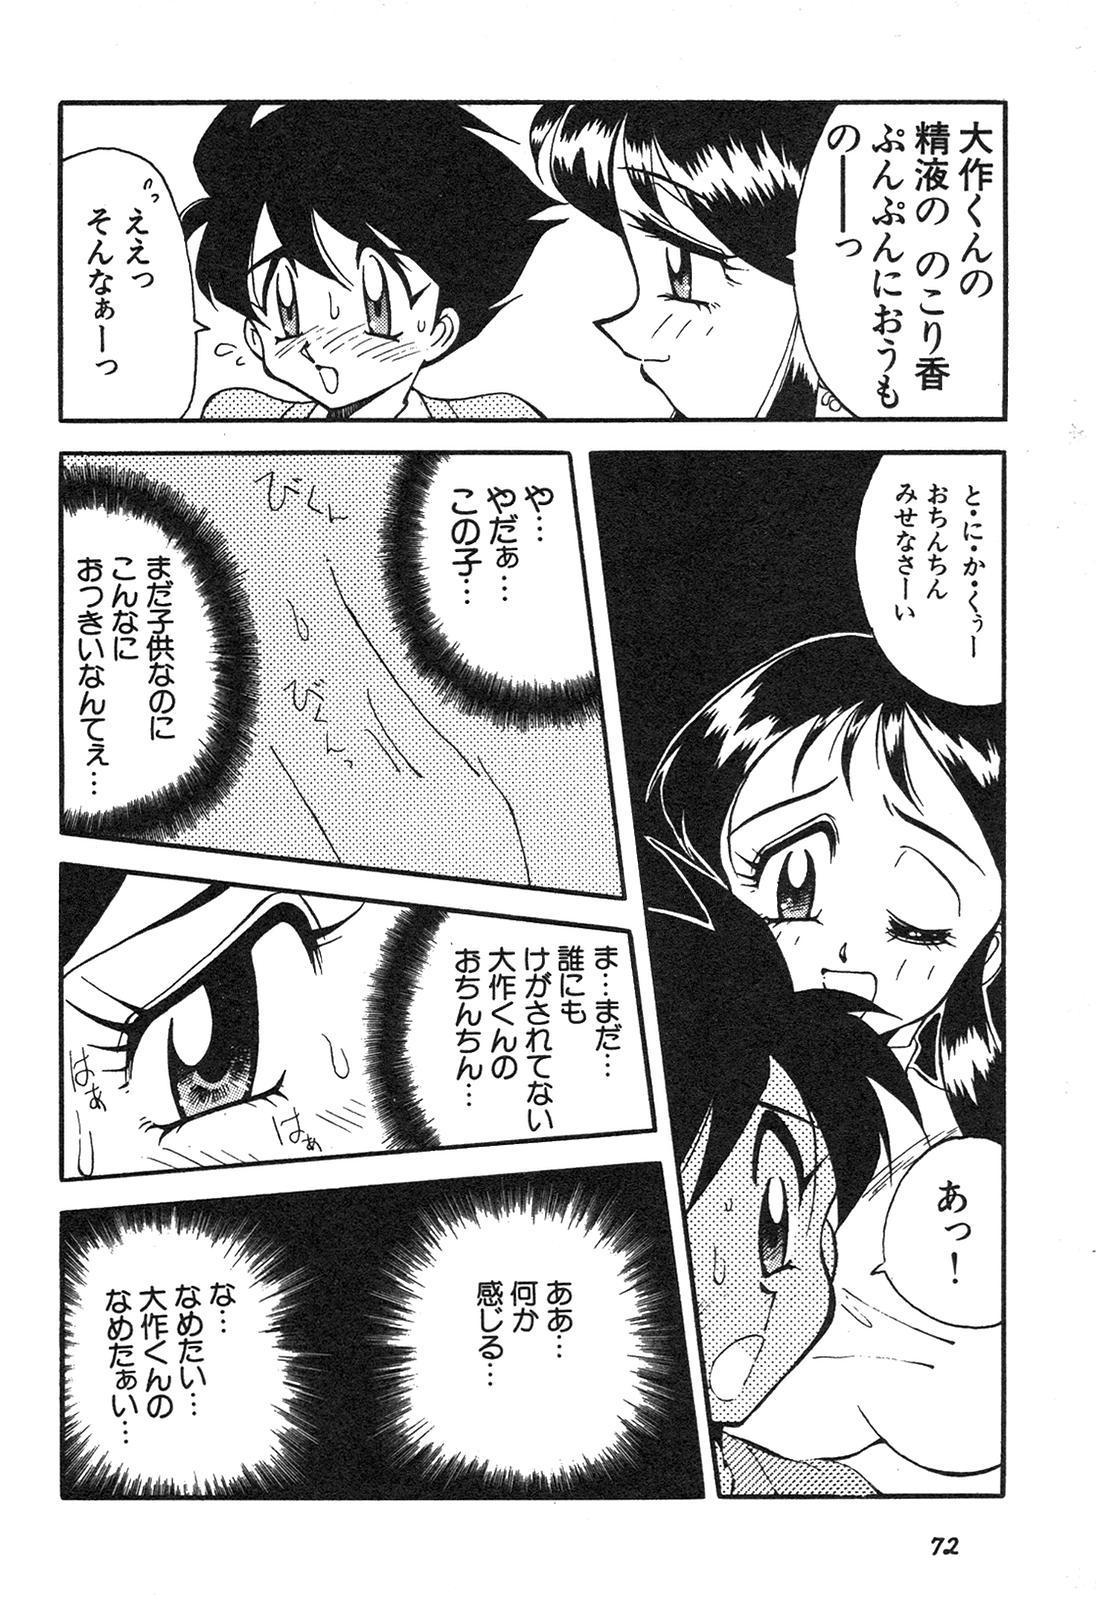 Shin Bishoujo Shoukougun 3 Yamato hen 72